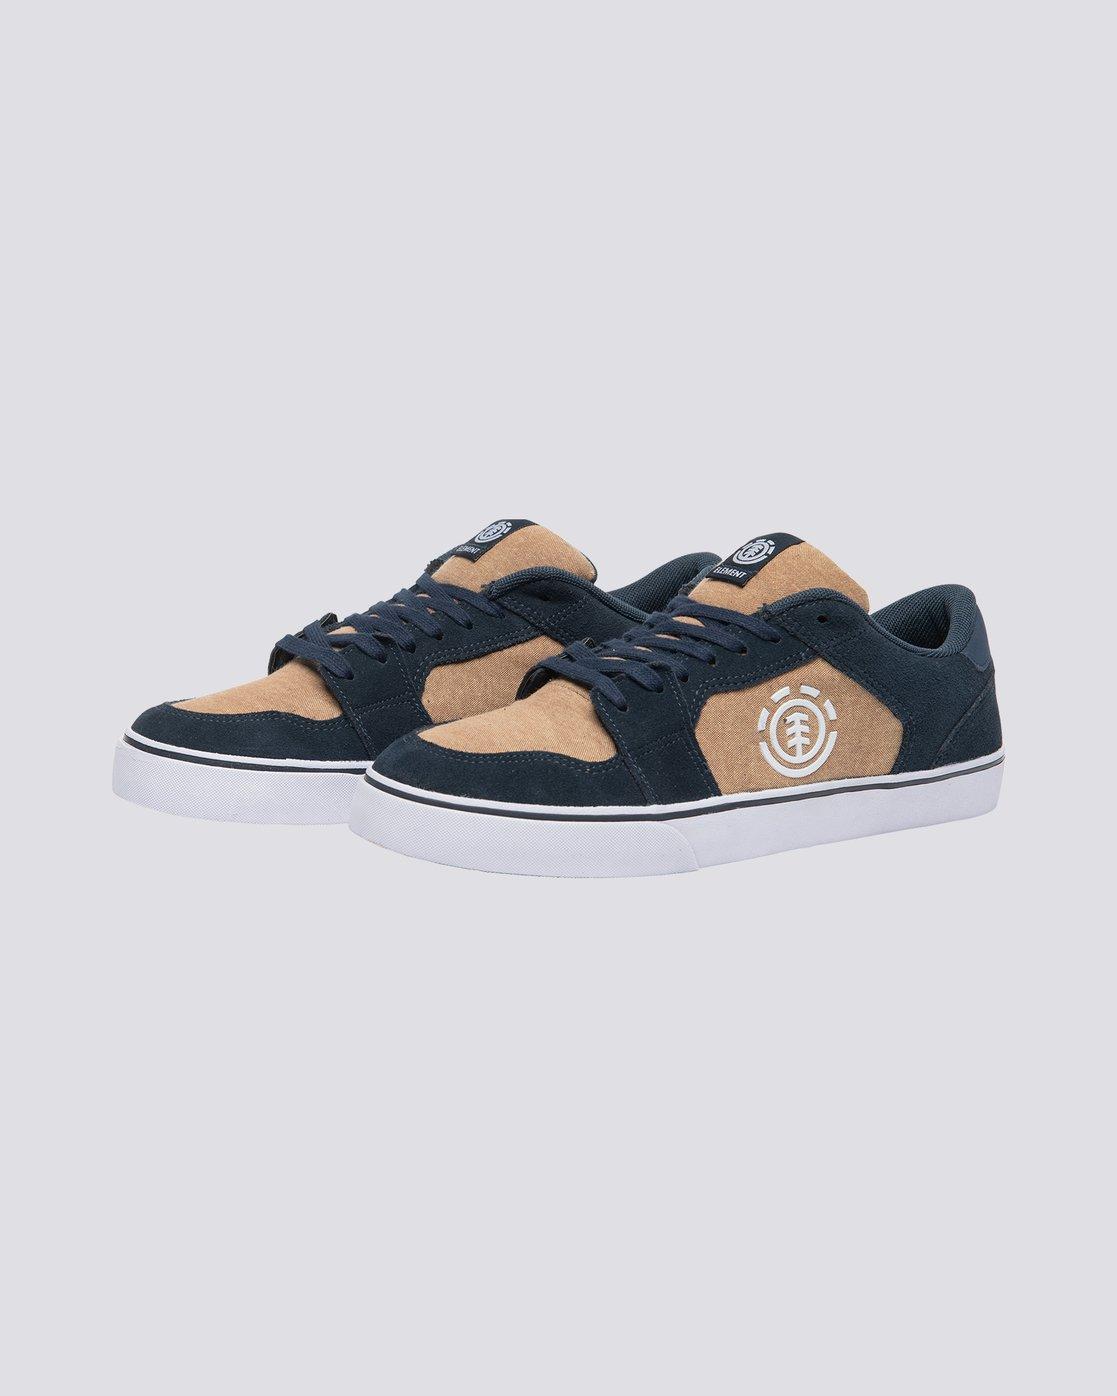 0 Heatley - Shoes for Men Blue S6HEA101 Element